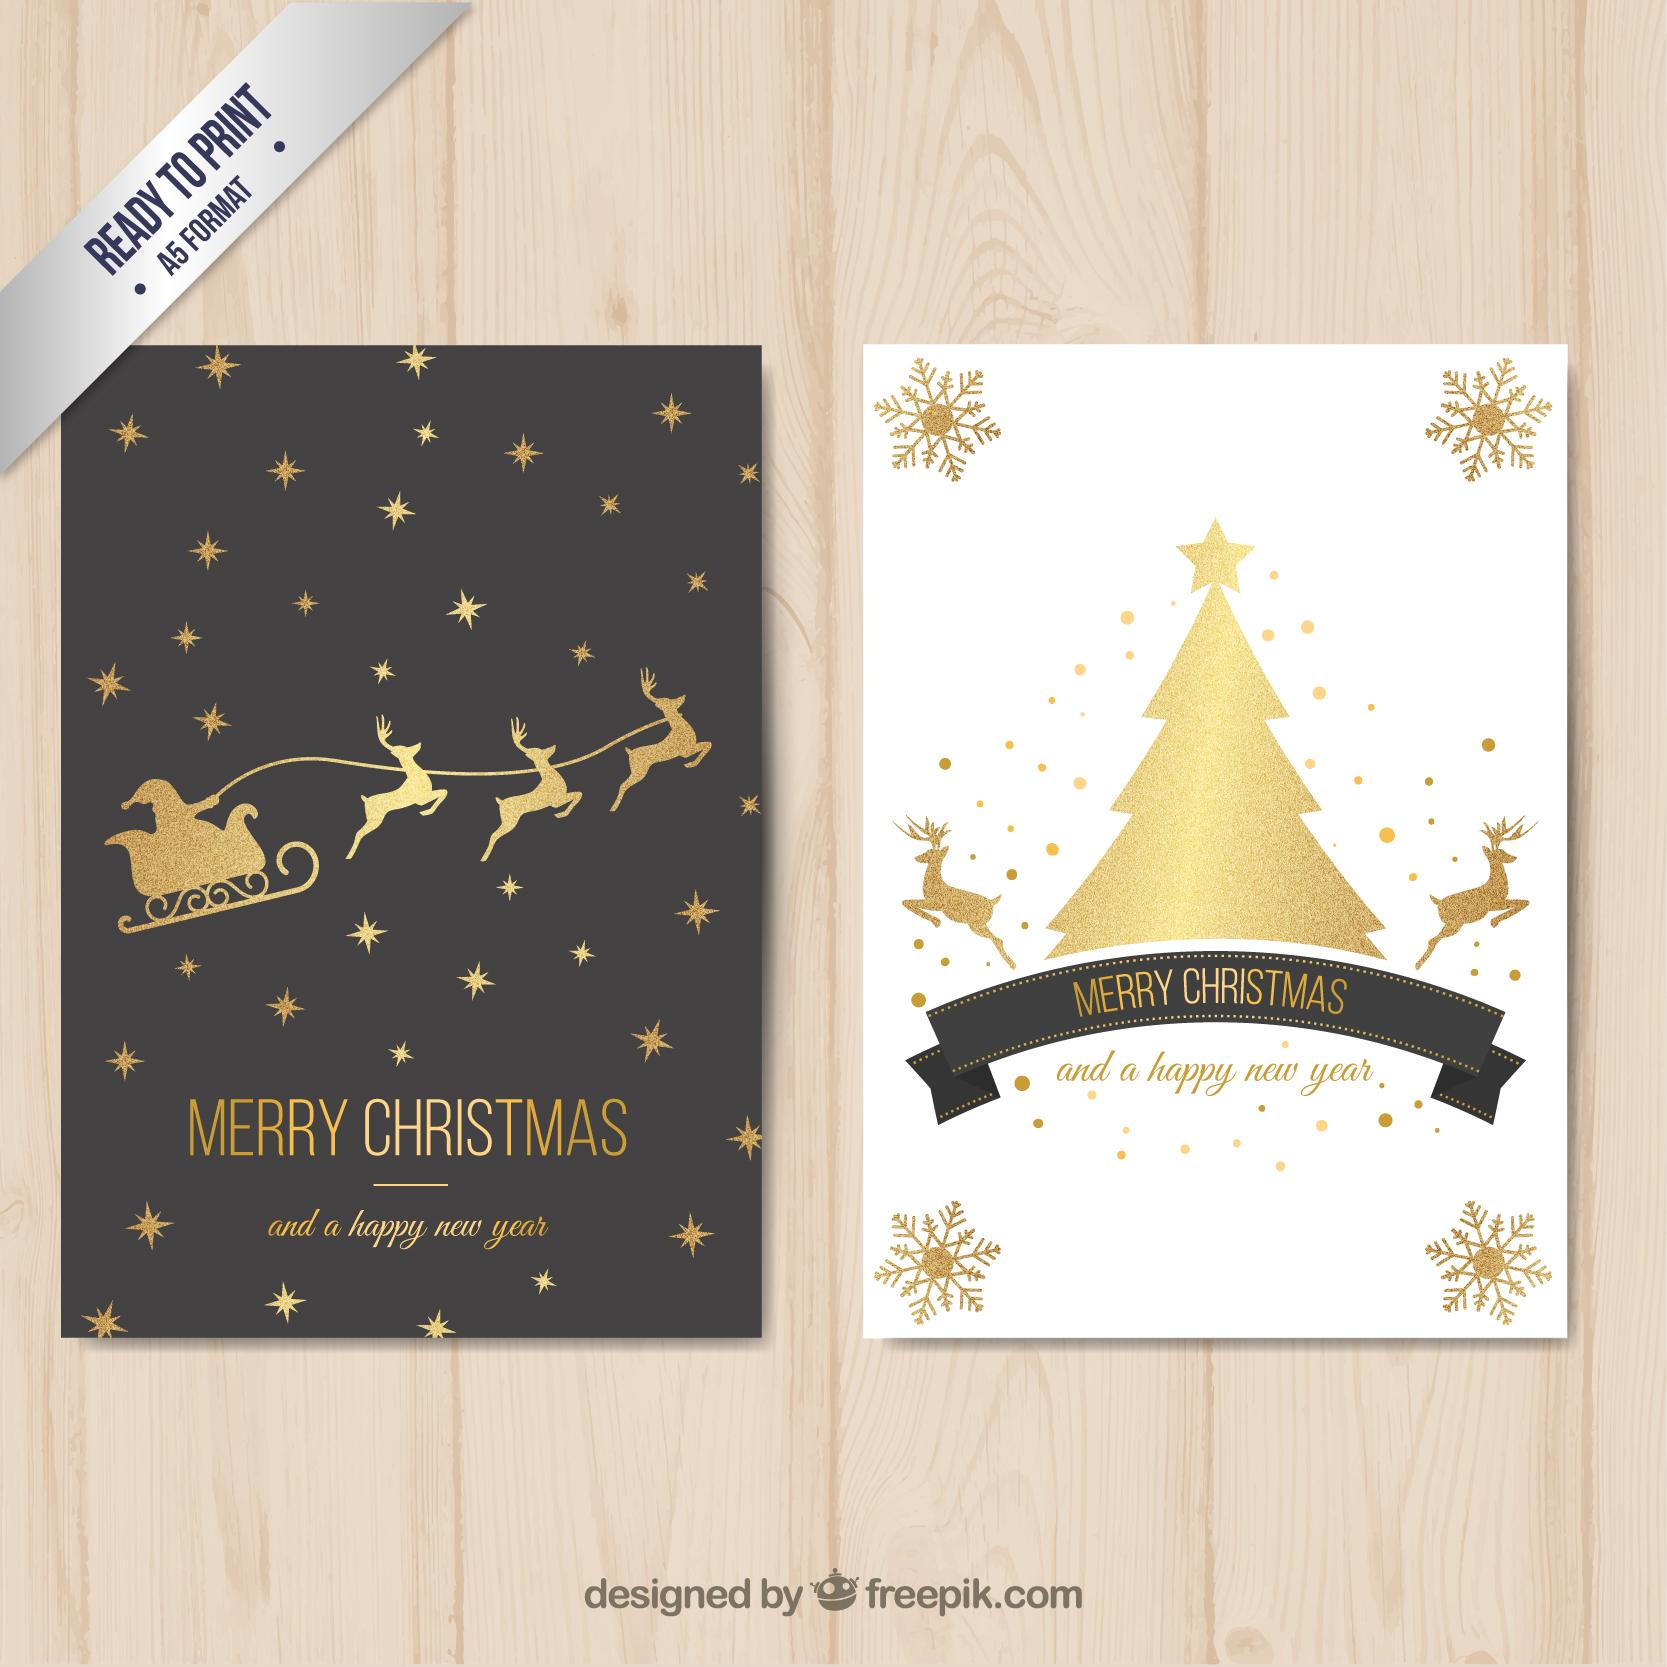 Biglietti Per Regali Di Natale Da Stampare.3 Biglietti Auguri Di Natale Da Stampare Gratis Sr Blog